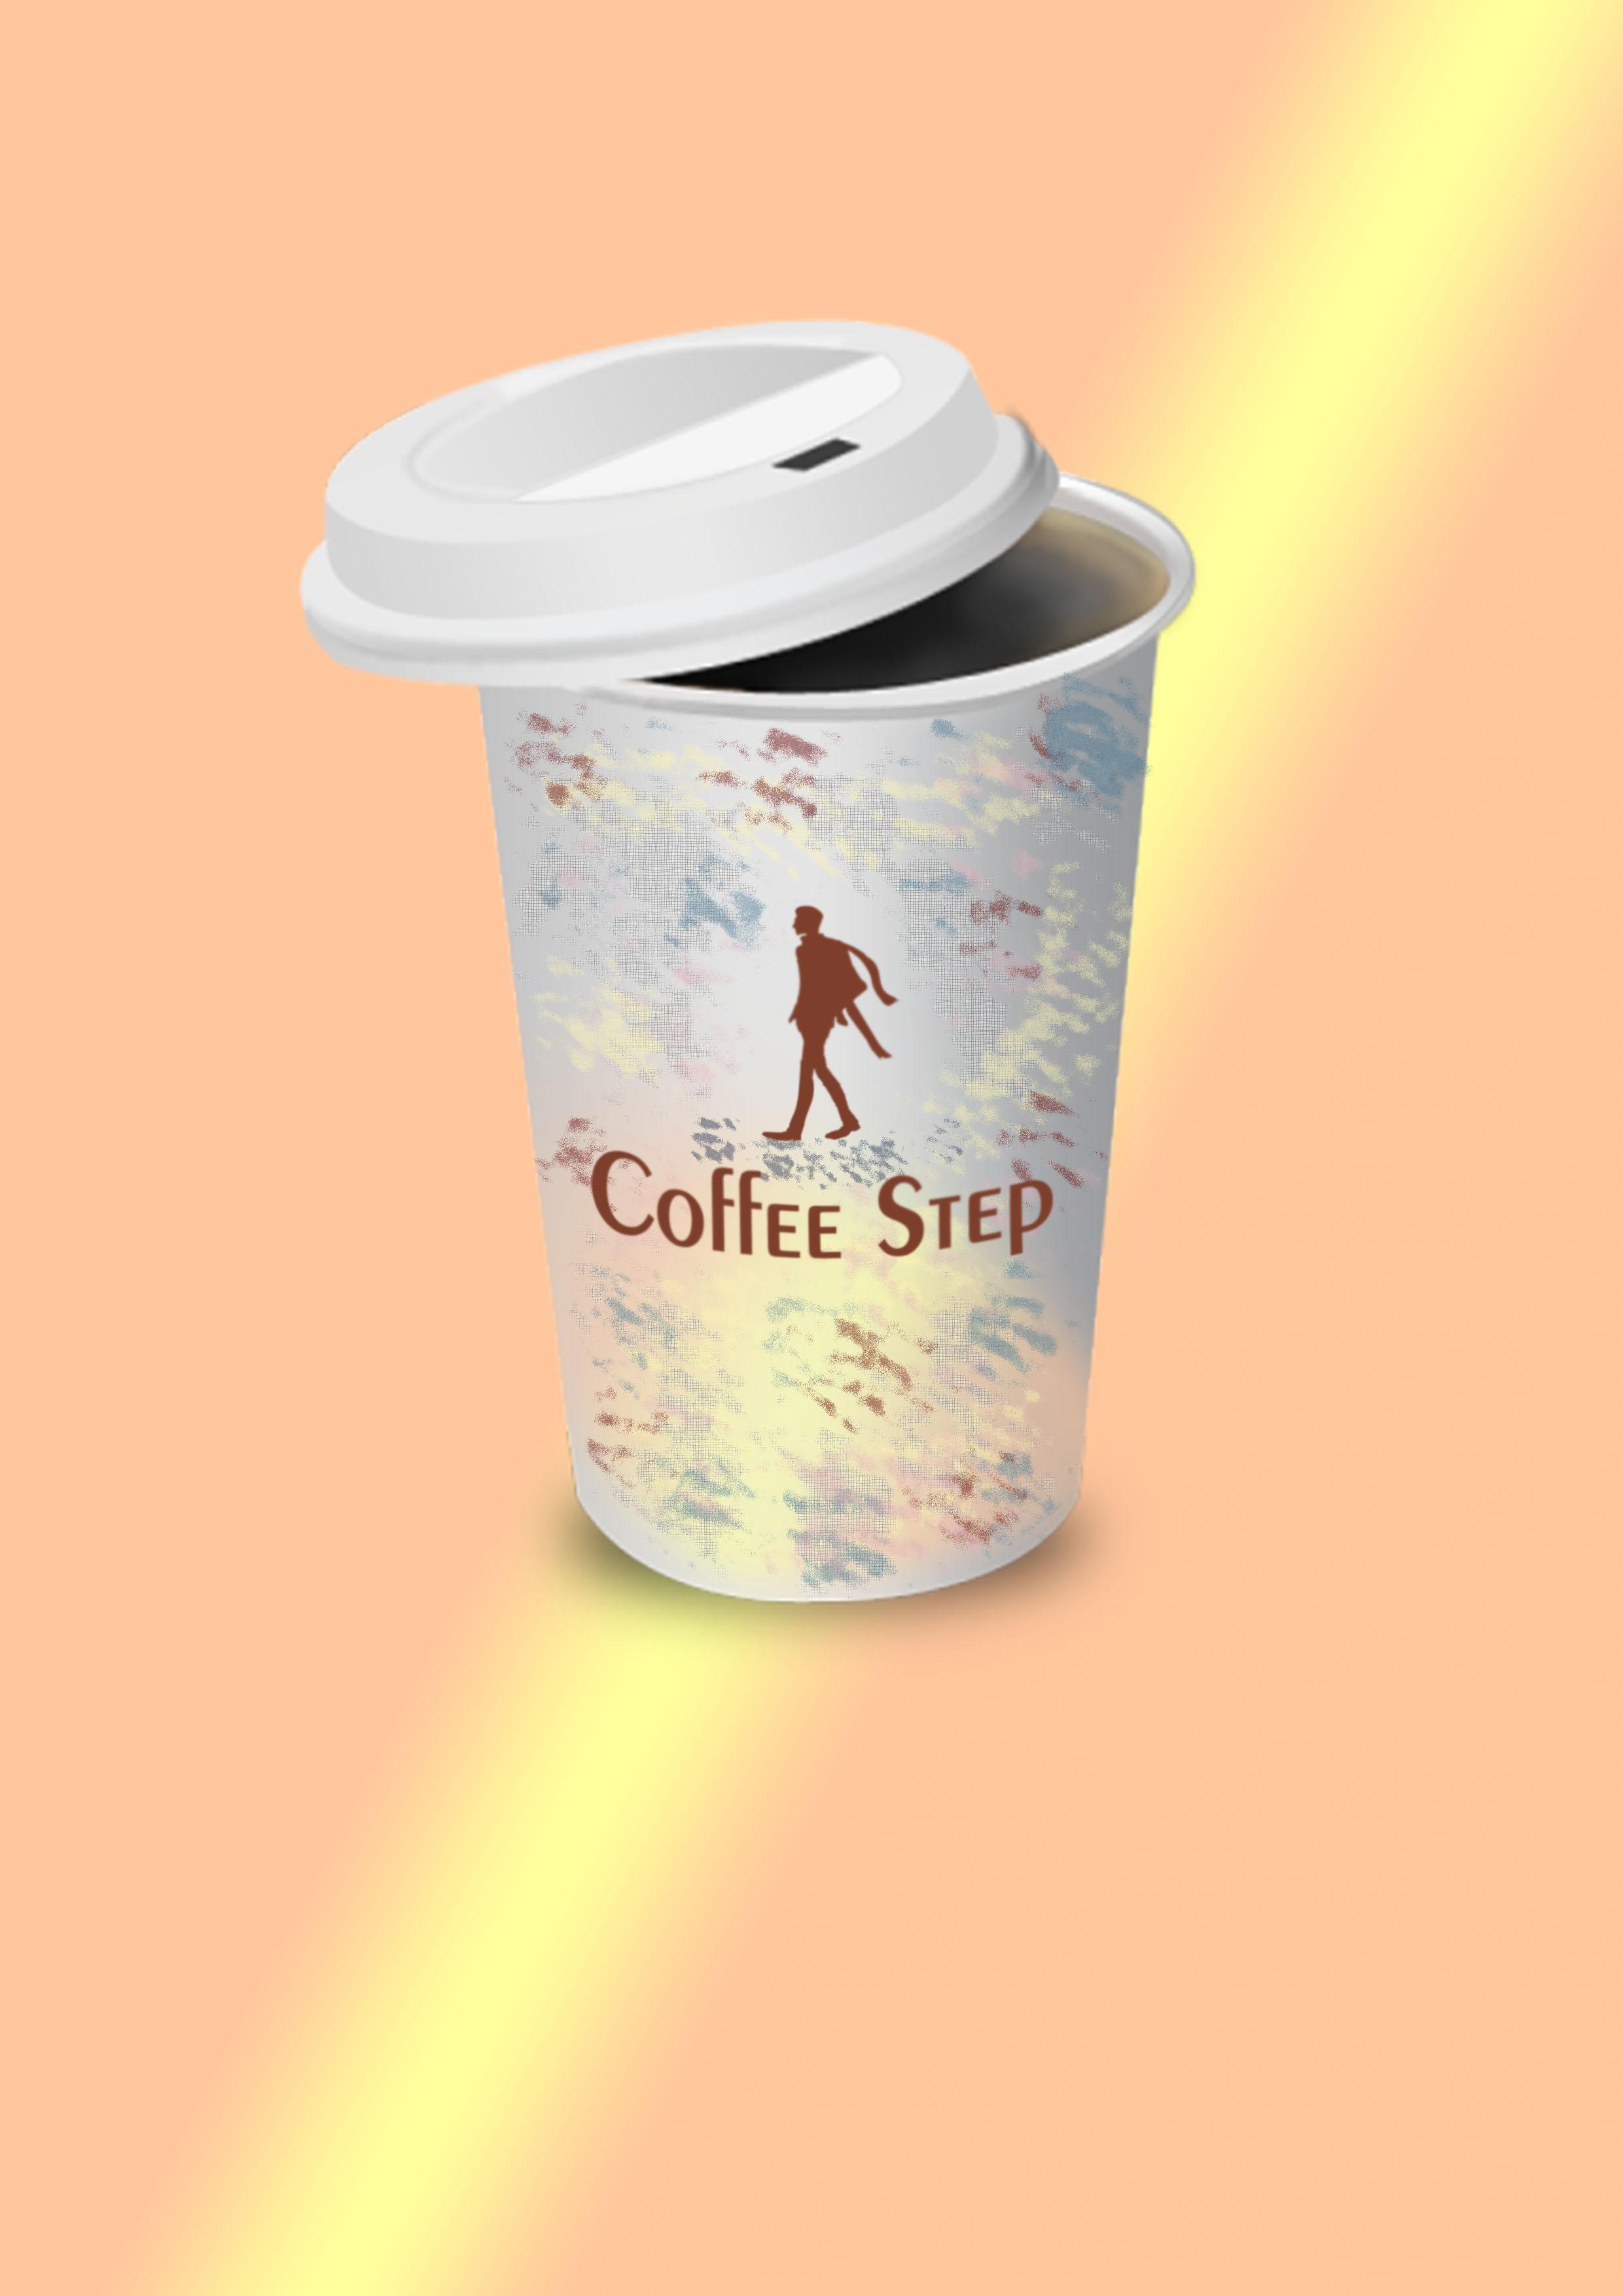 Название, цвета, логотип и дизайн оформления для сети кофеен фото f_2155b9abebe2076d.jpg